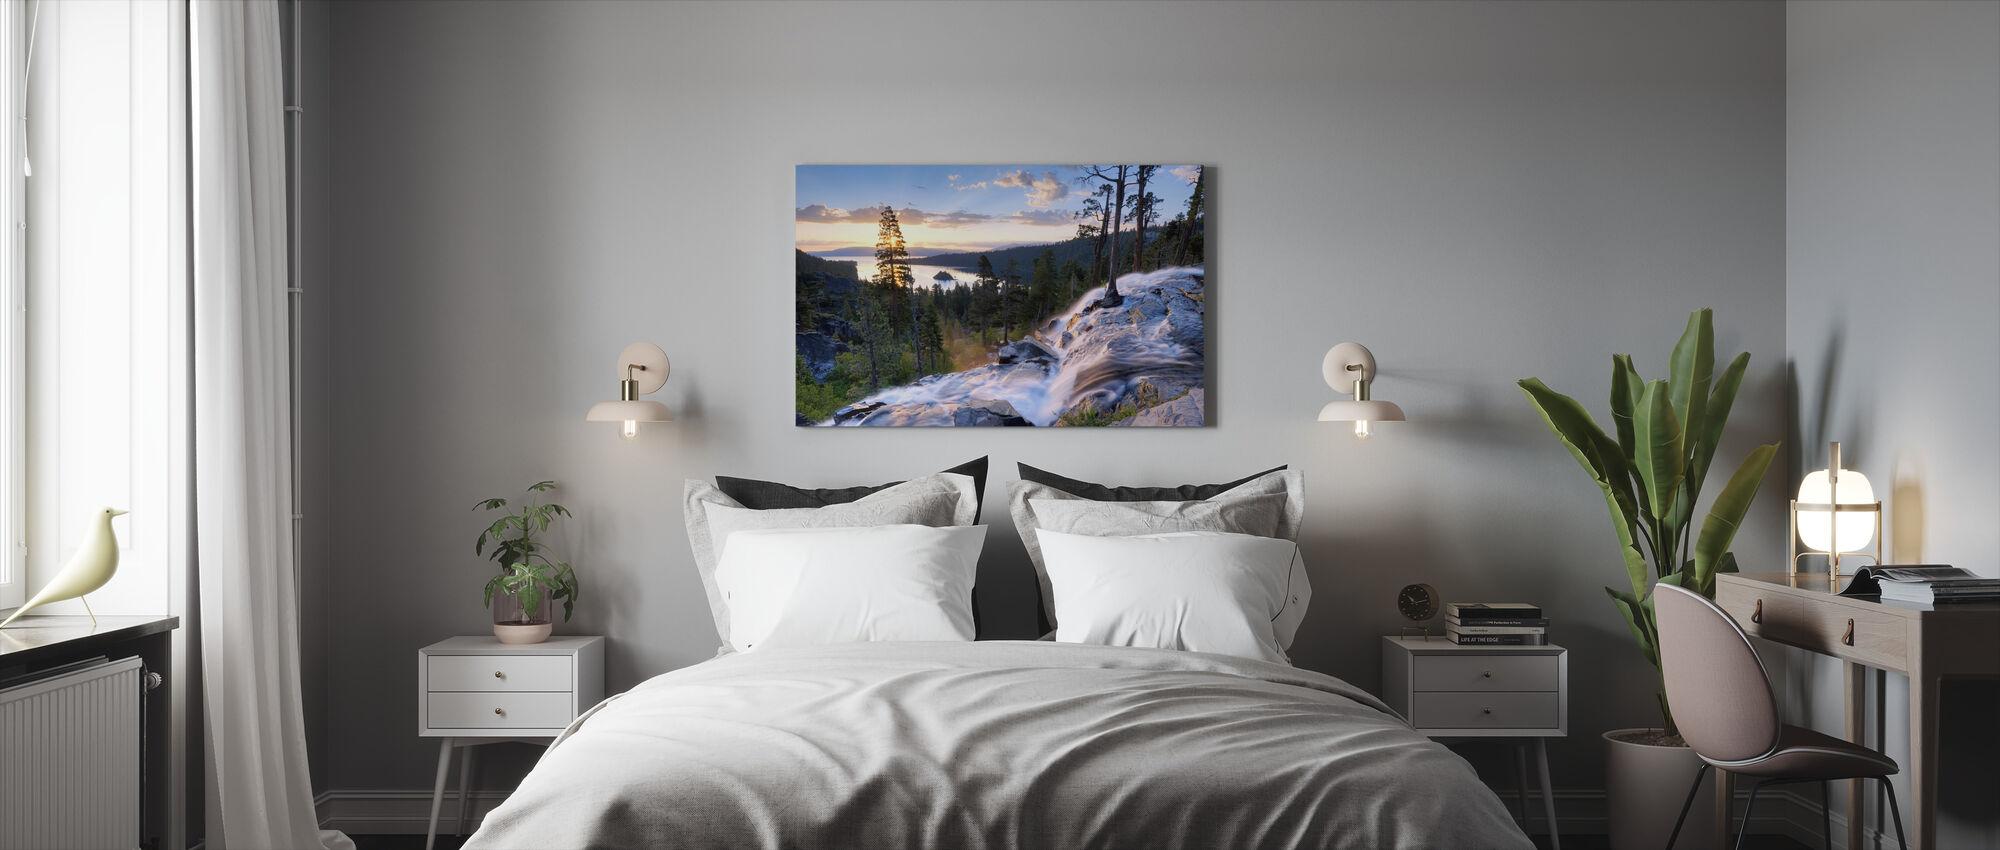 Vakker soloppgang på Eagle Falls - Lerretsbilde - Soverom